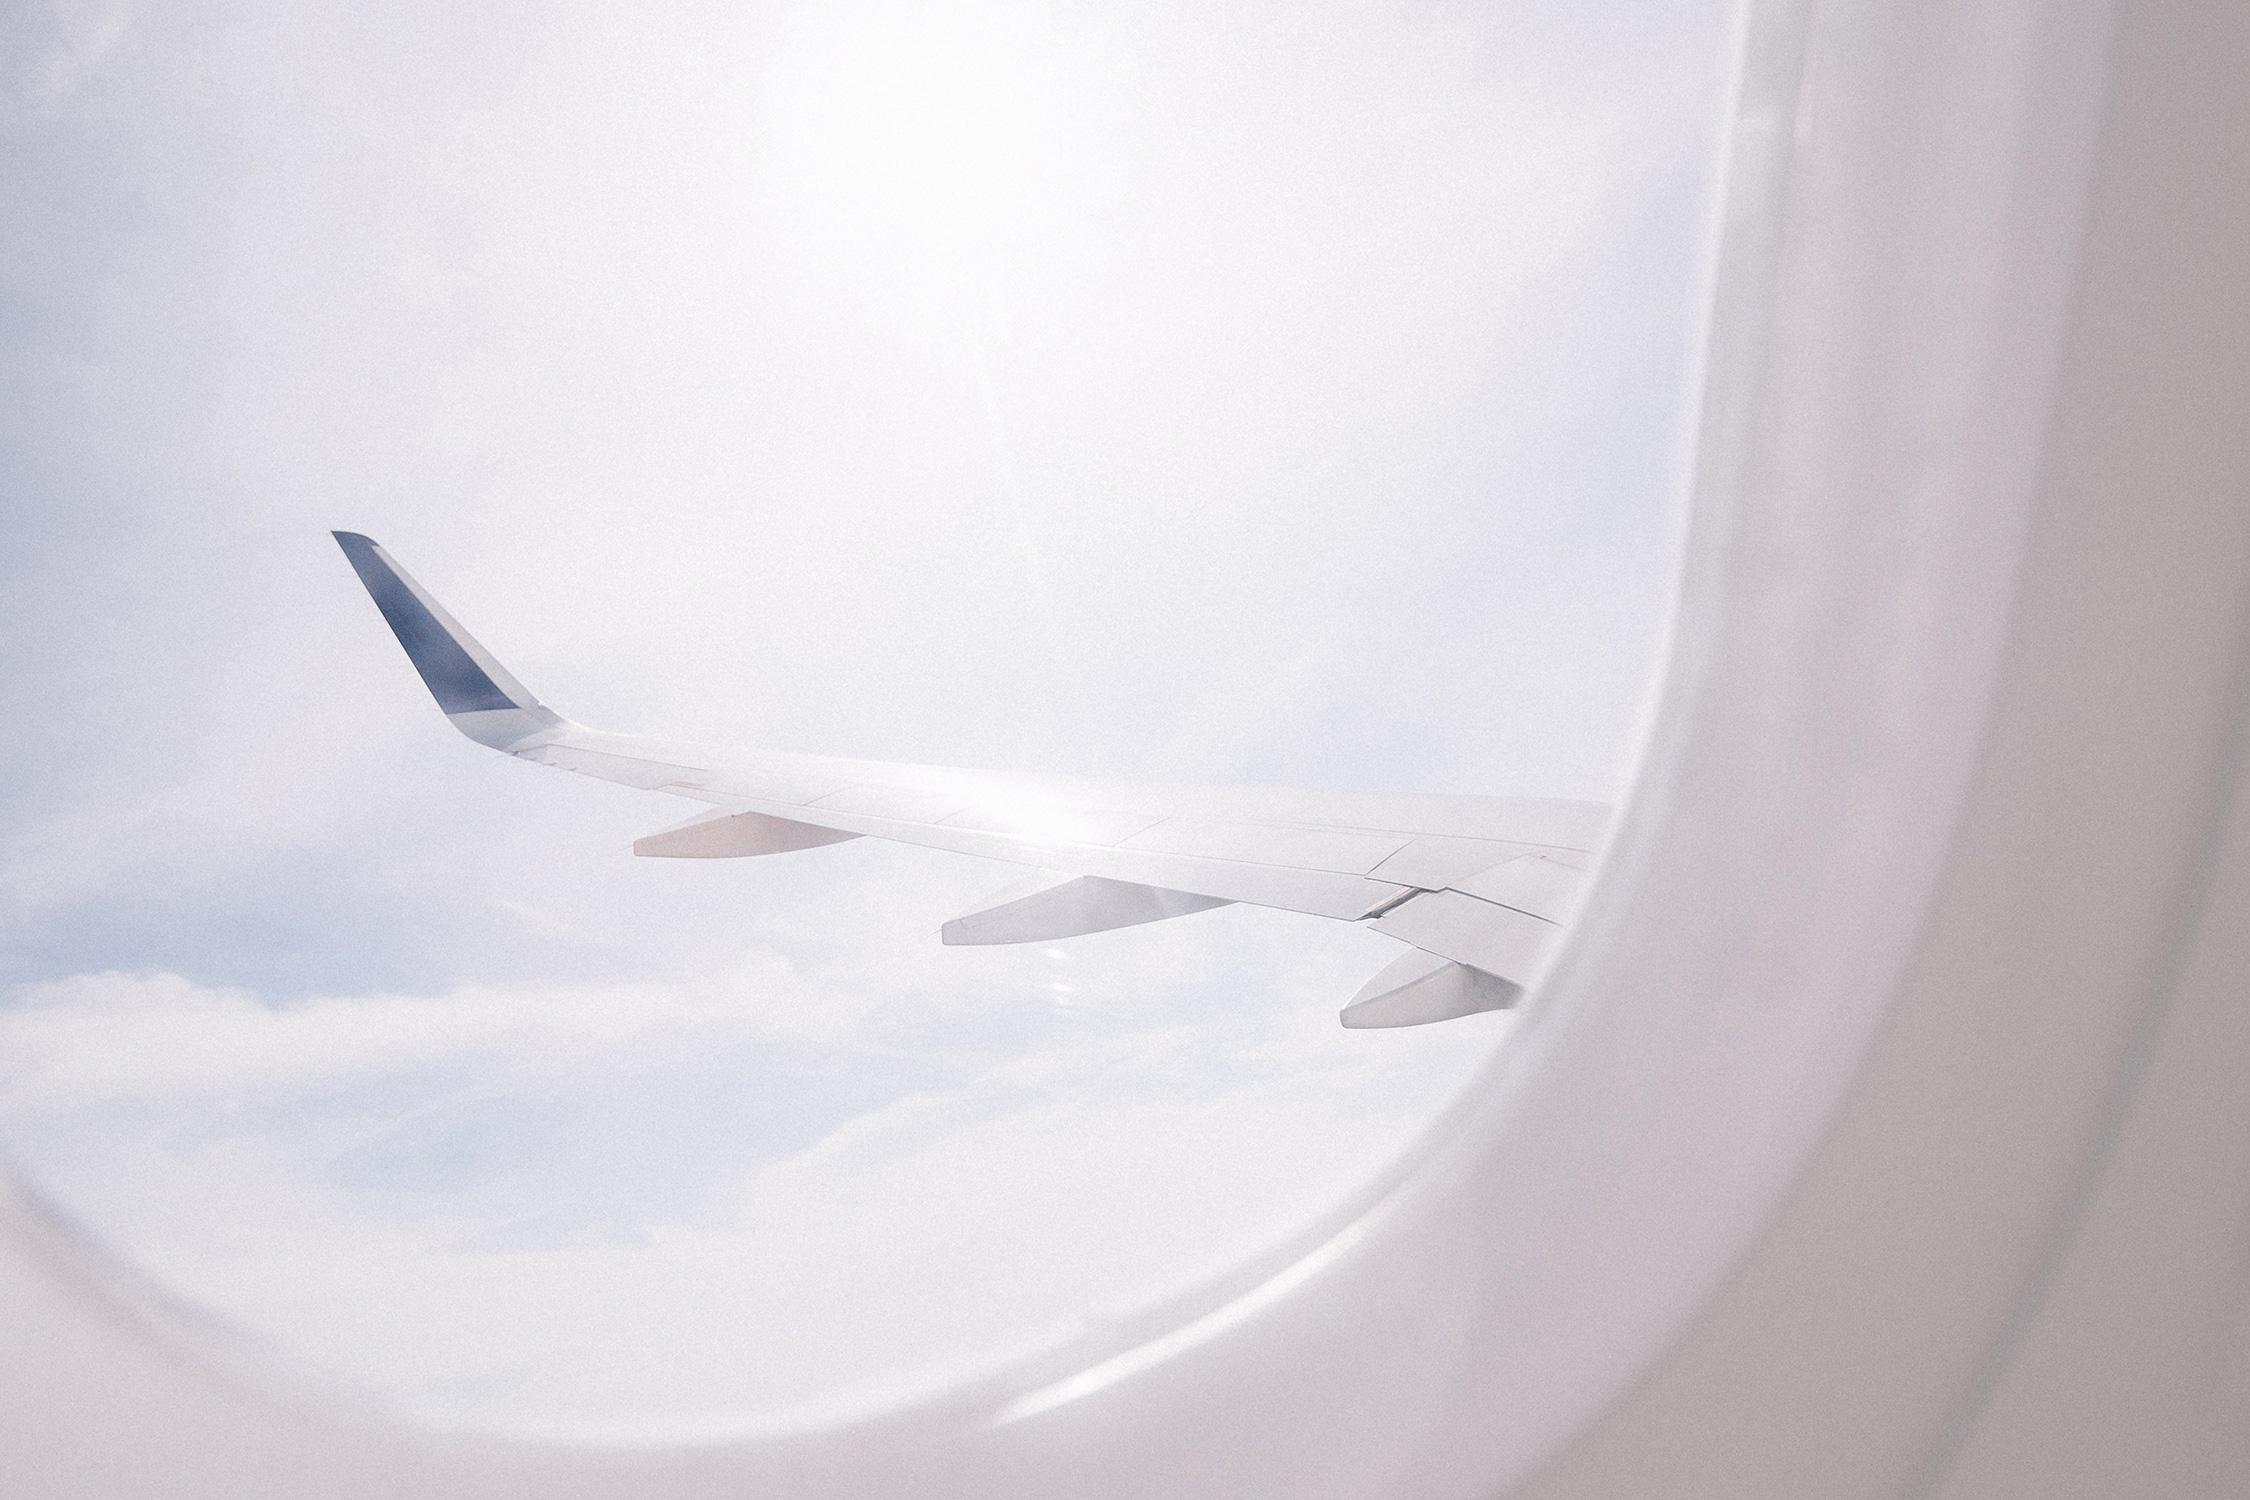 El Libro Amarillo Tendencias de Color Primavera 2021 Blanco ala de avión vista desde ventanilla con  nubes